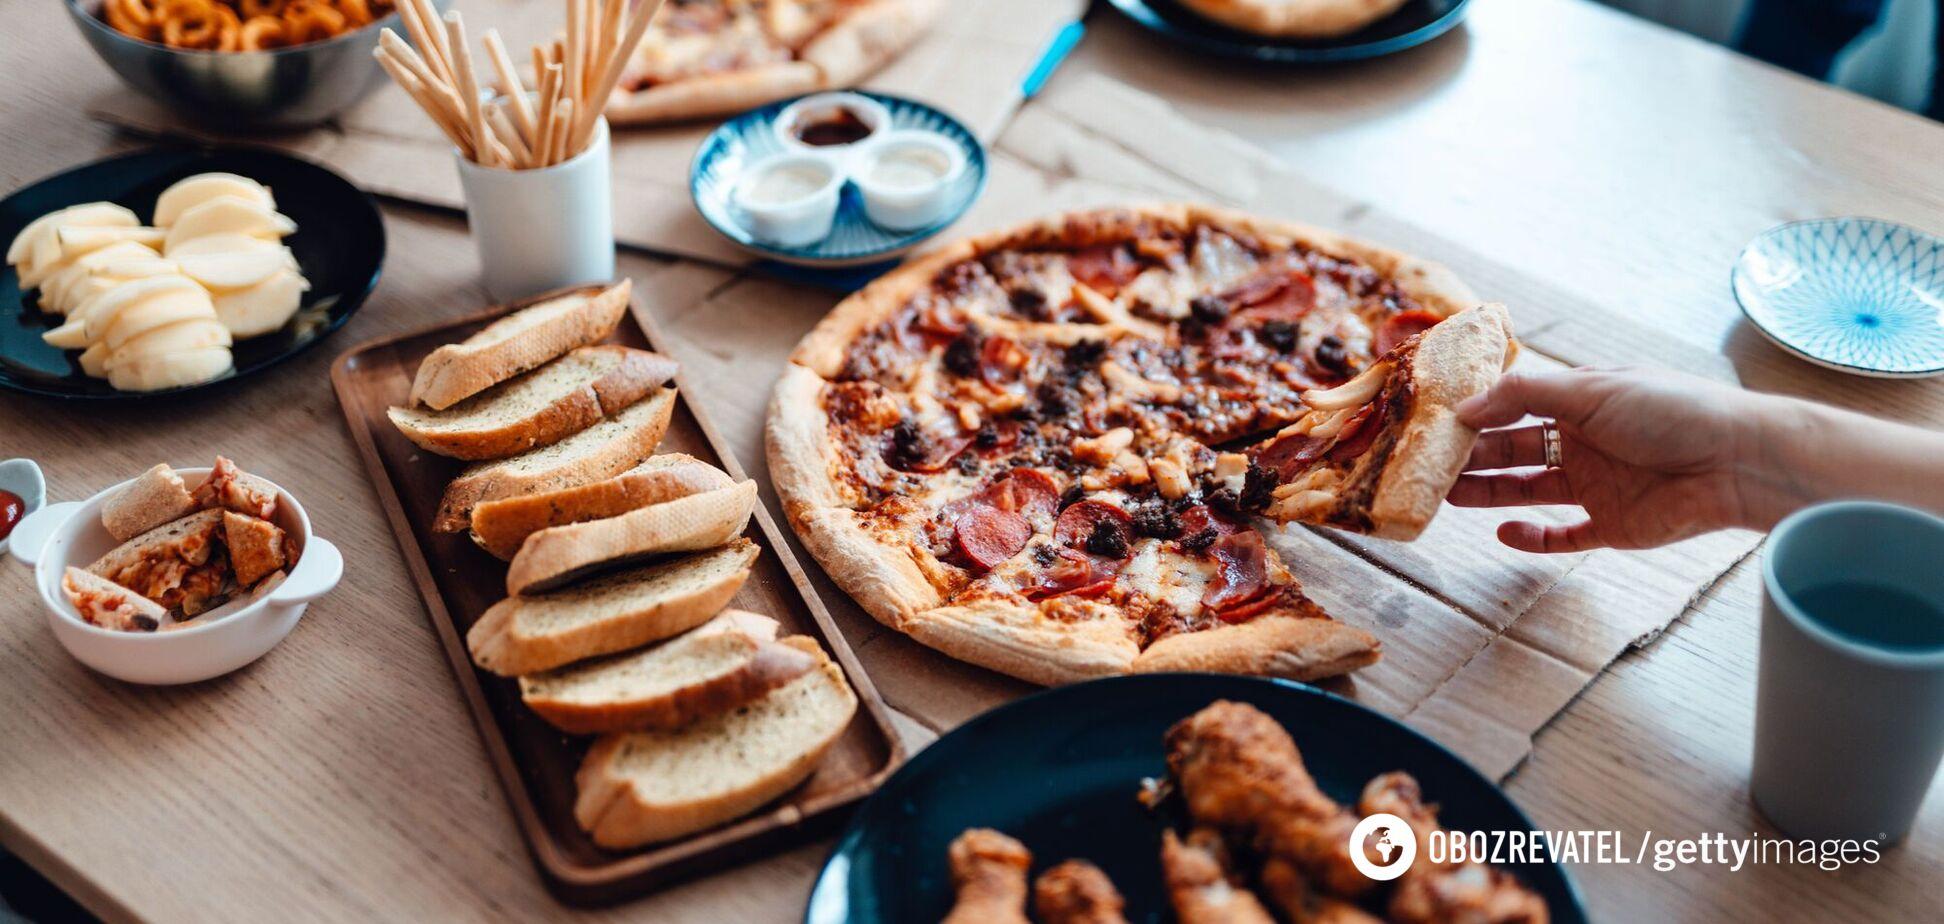 Вчені розповіли, вживання яких продуктів може підвищити ризик хвороб серця